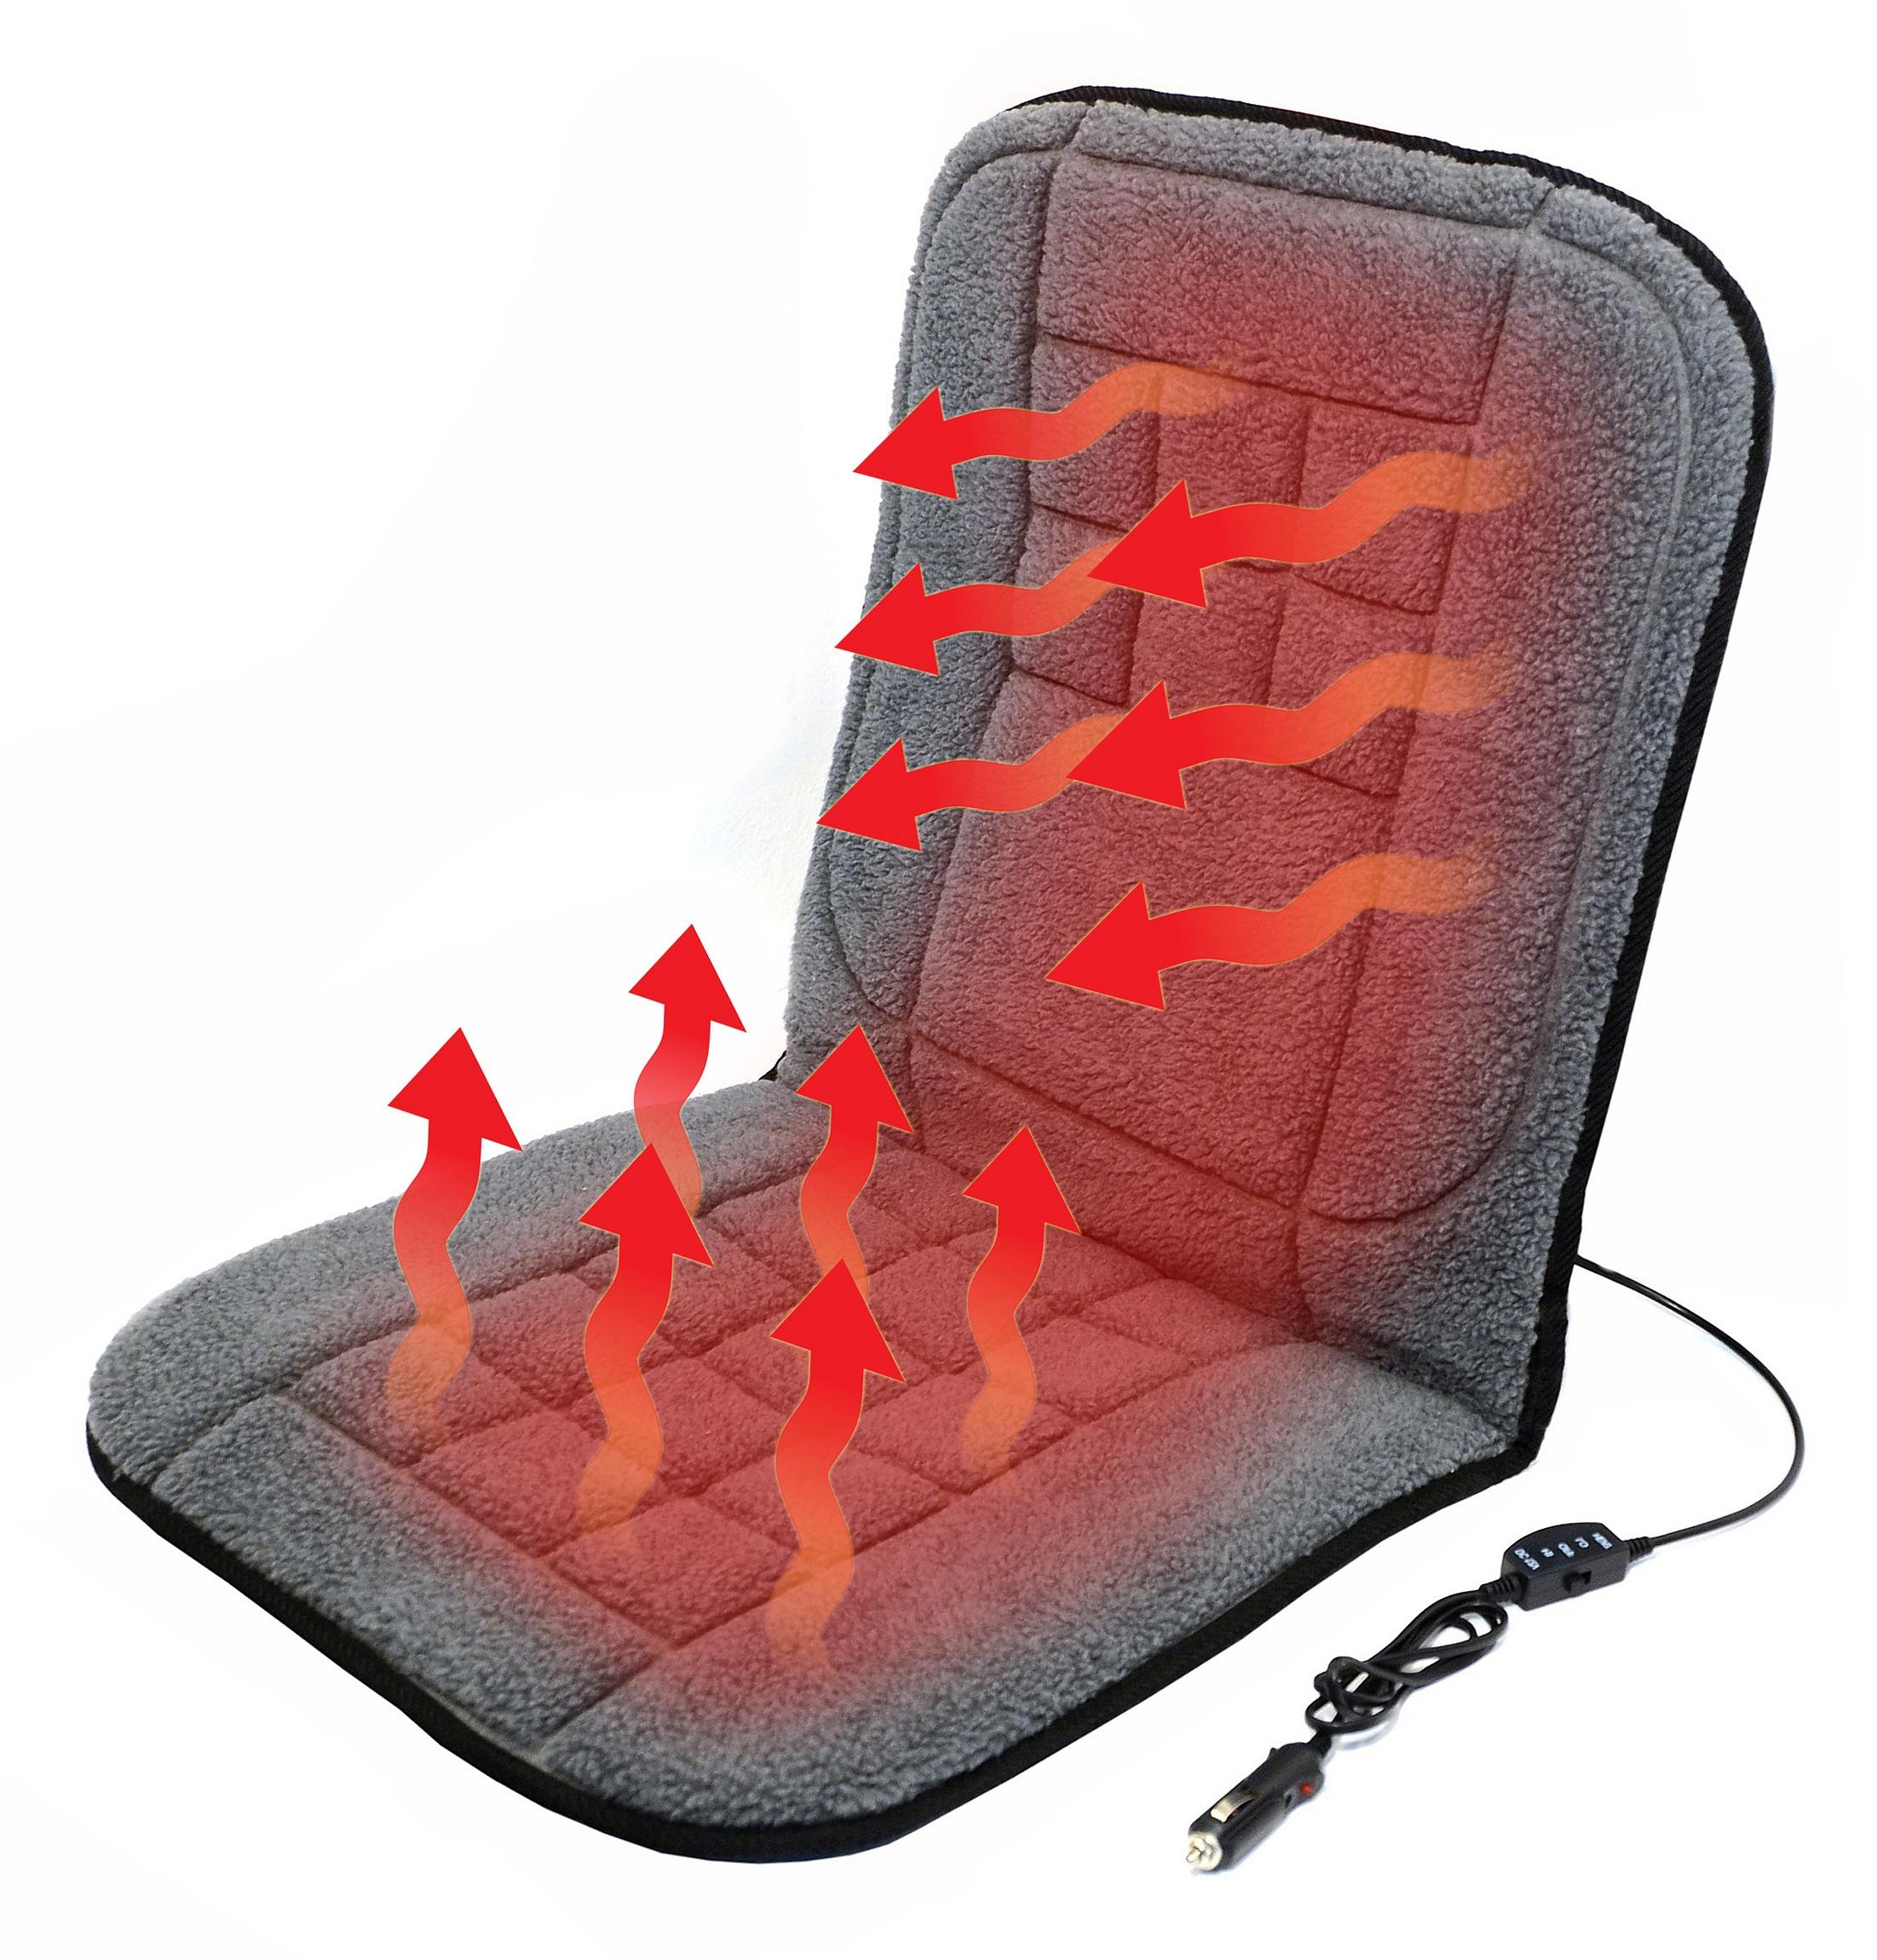 Potah sedadla vyhřívaný 12V TEDDY, 04121